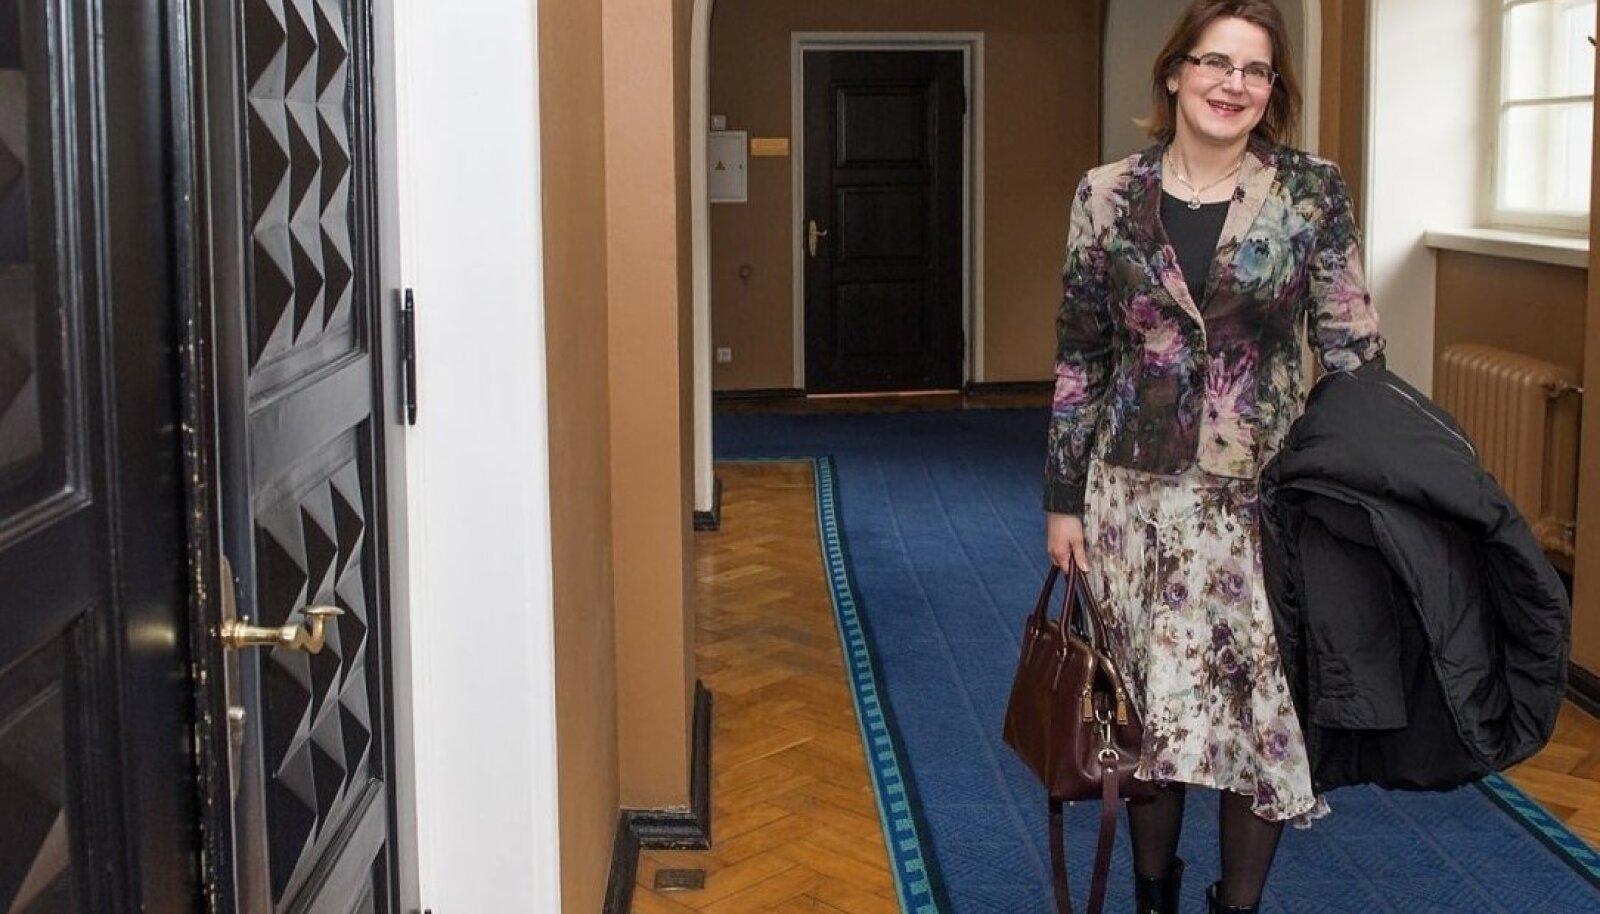 Liisa Pakosta on konkursivoorudest edukalt läbi rühkinud, suurima punktisummaga kandidaat aga kõrvale lükatud. Sõelal on kaks kandidaati.